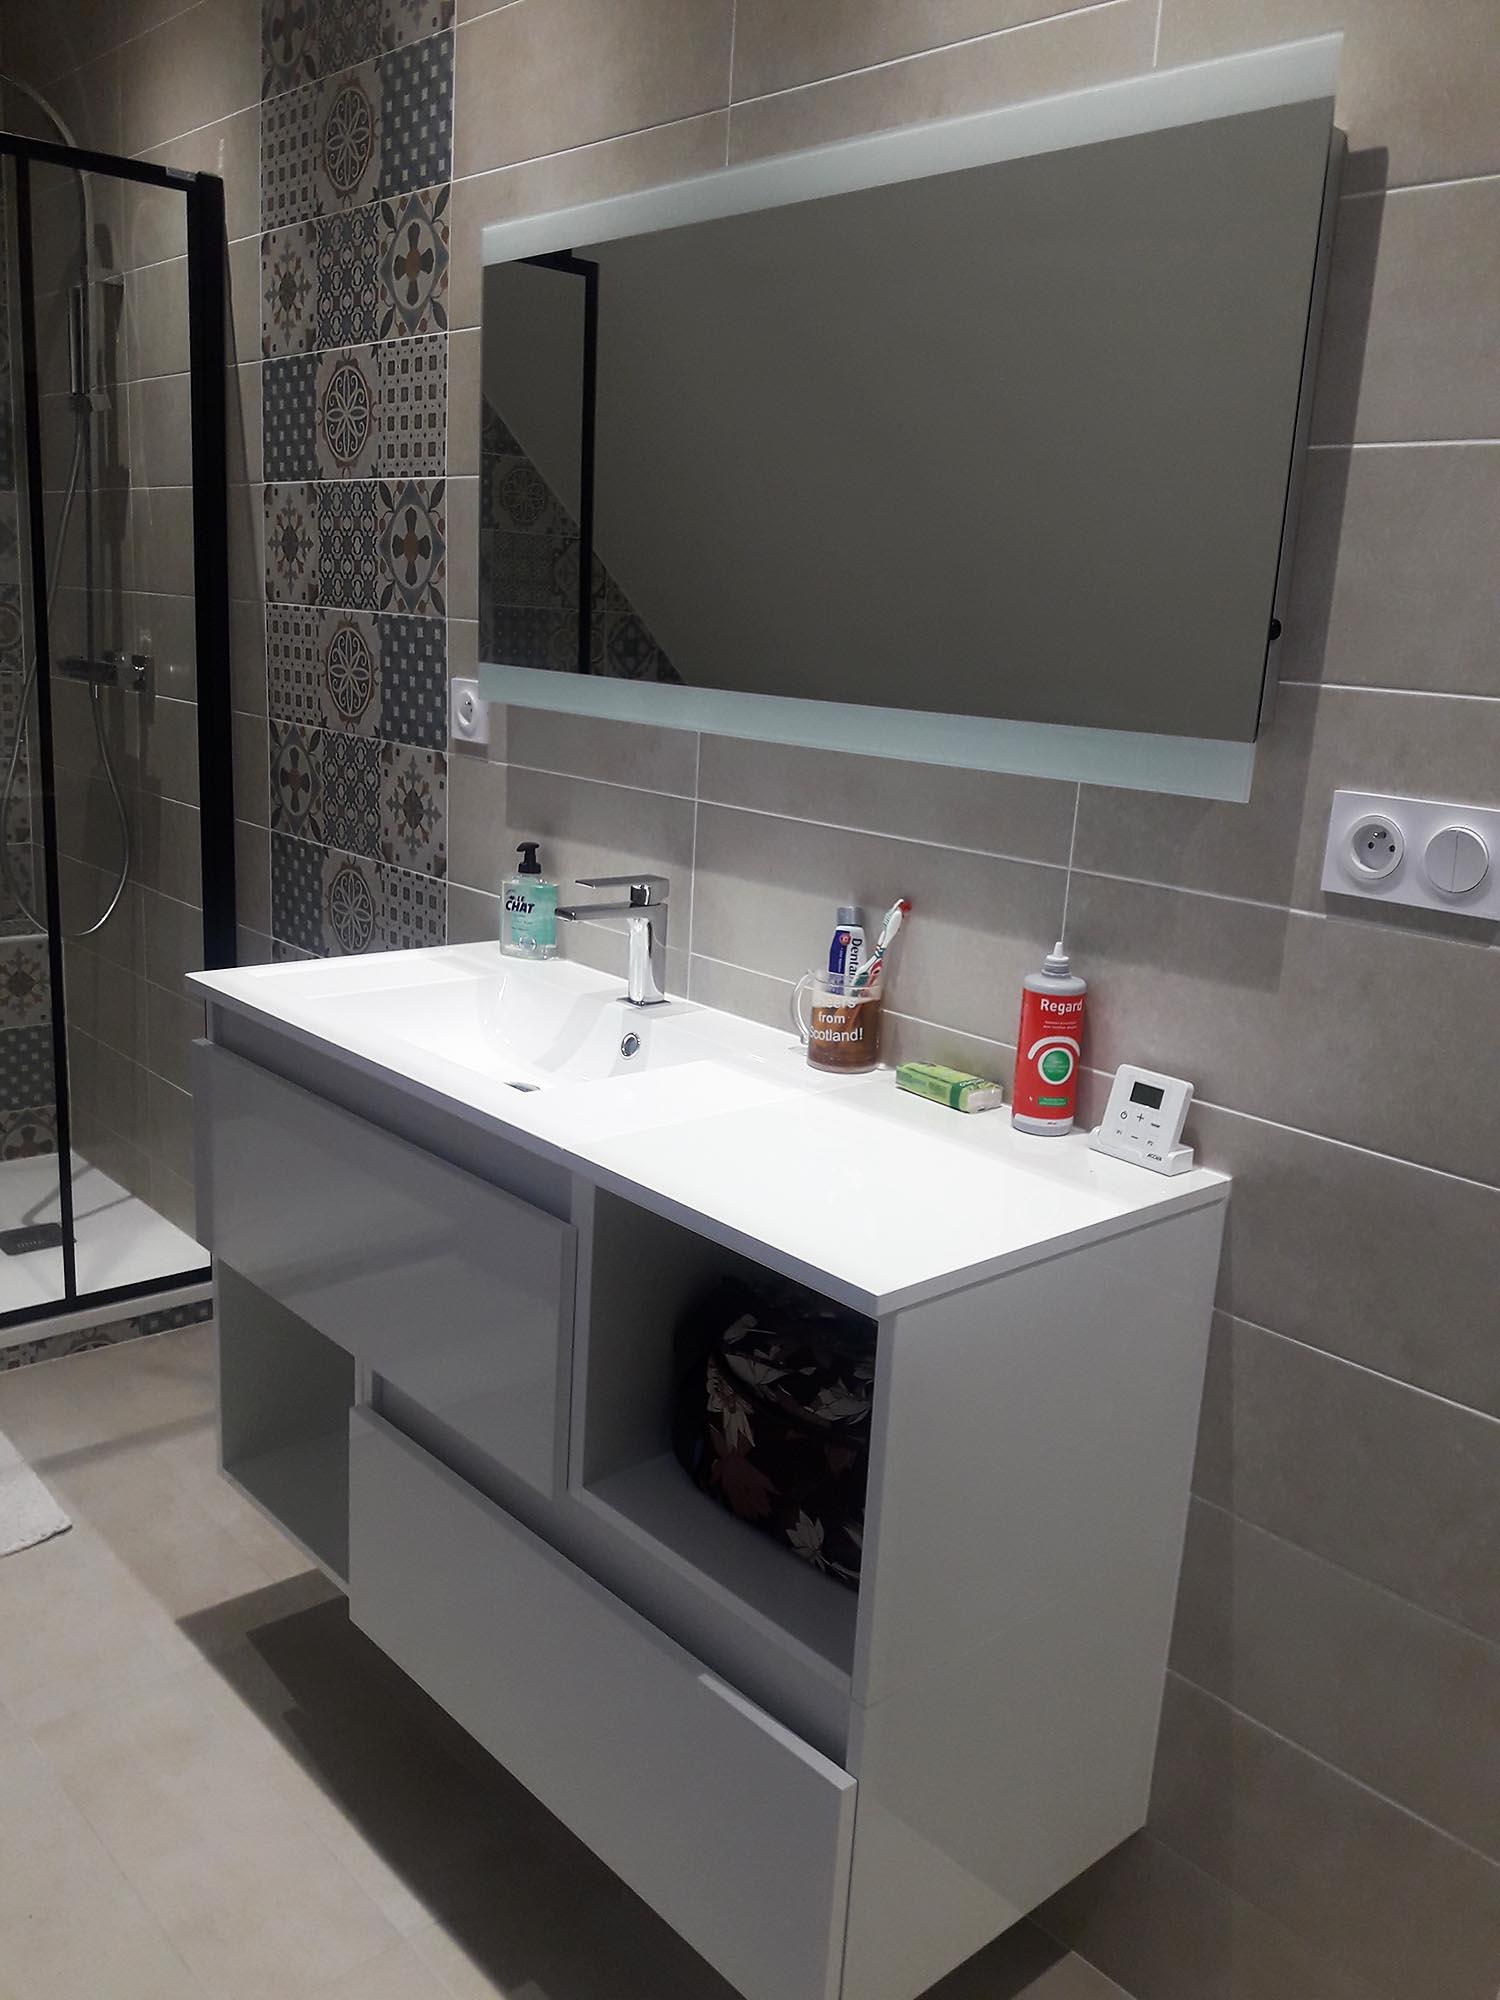 Photo Salle De Bain Sous Comble petite salle de bains sous combles relecq kerhuon | histoire d'o